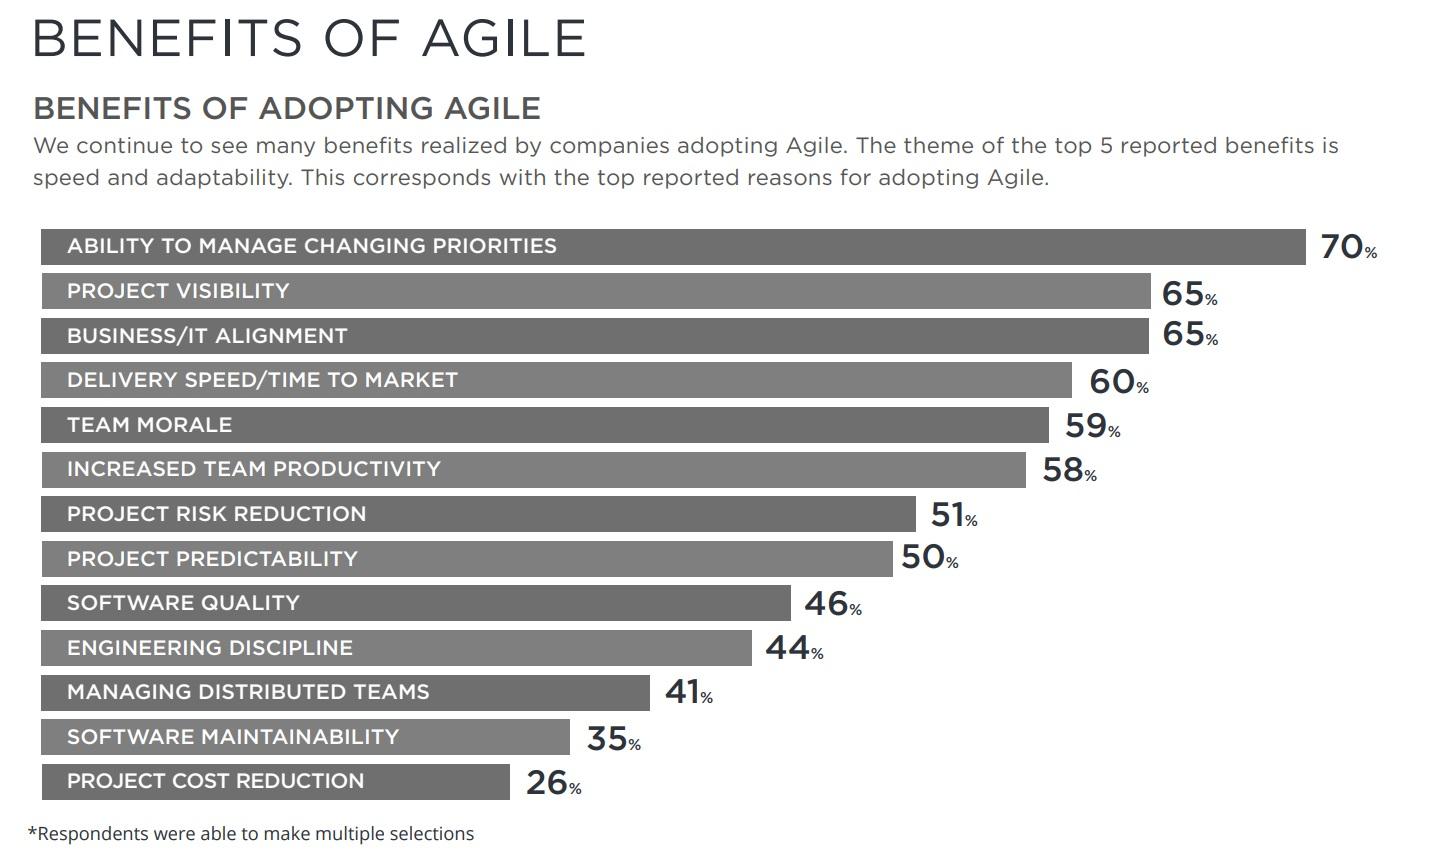 Agile benefits